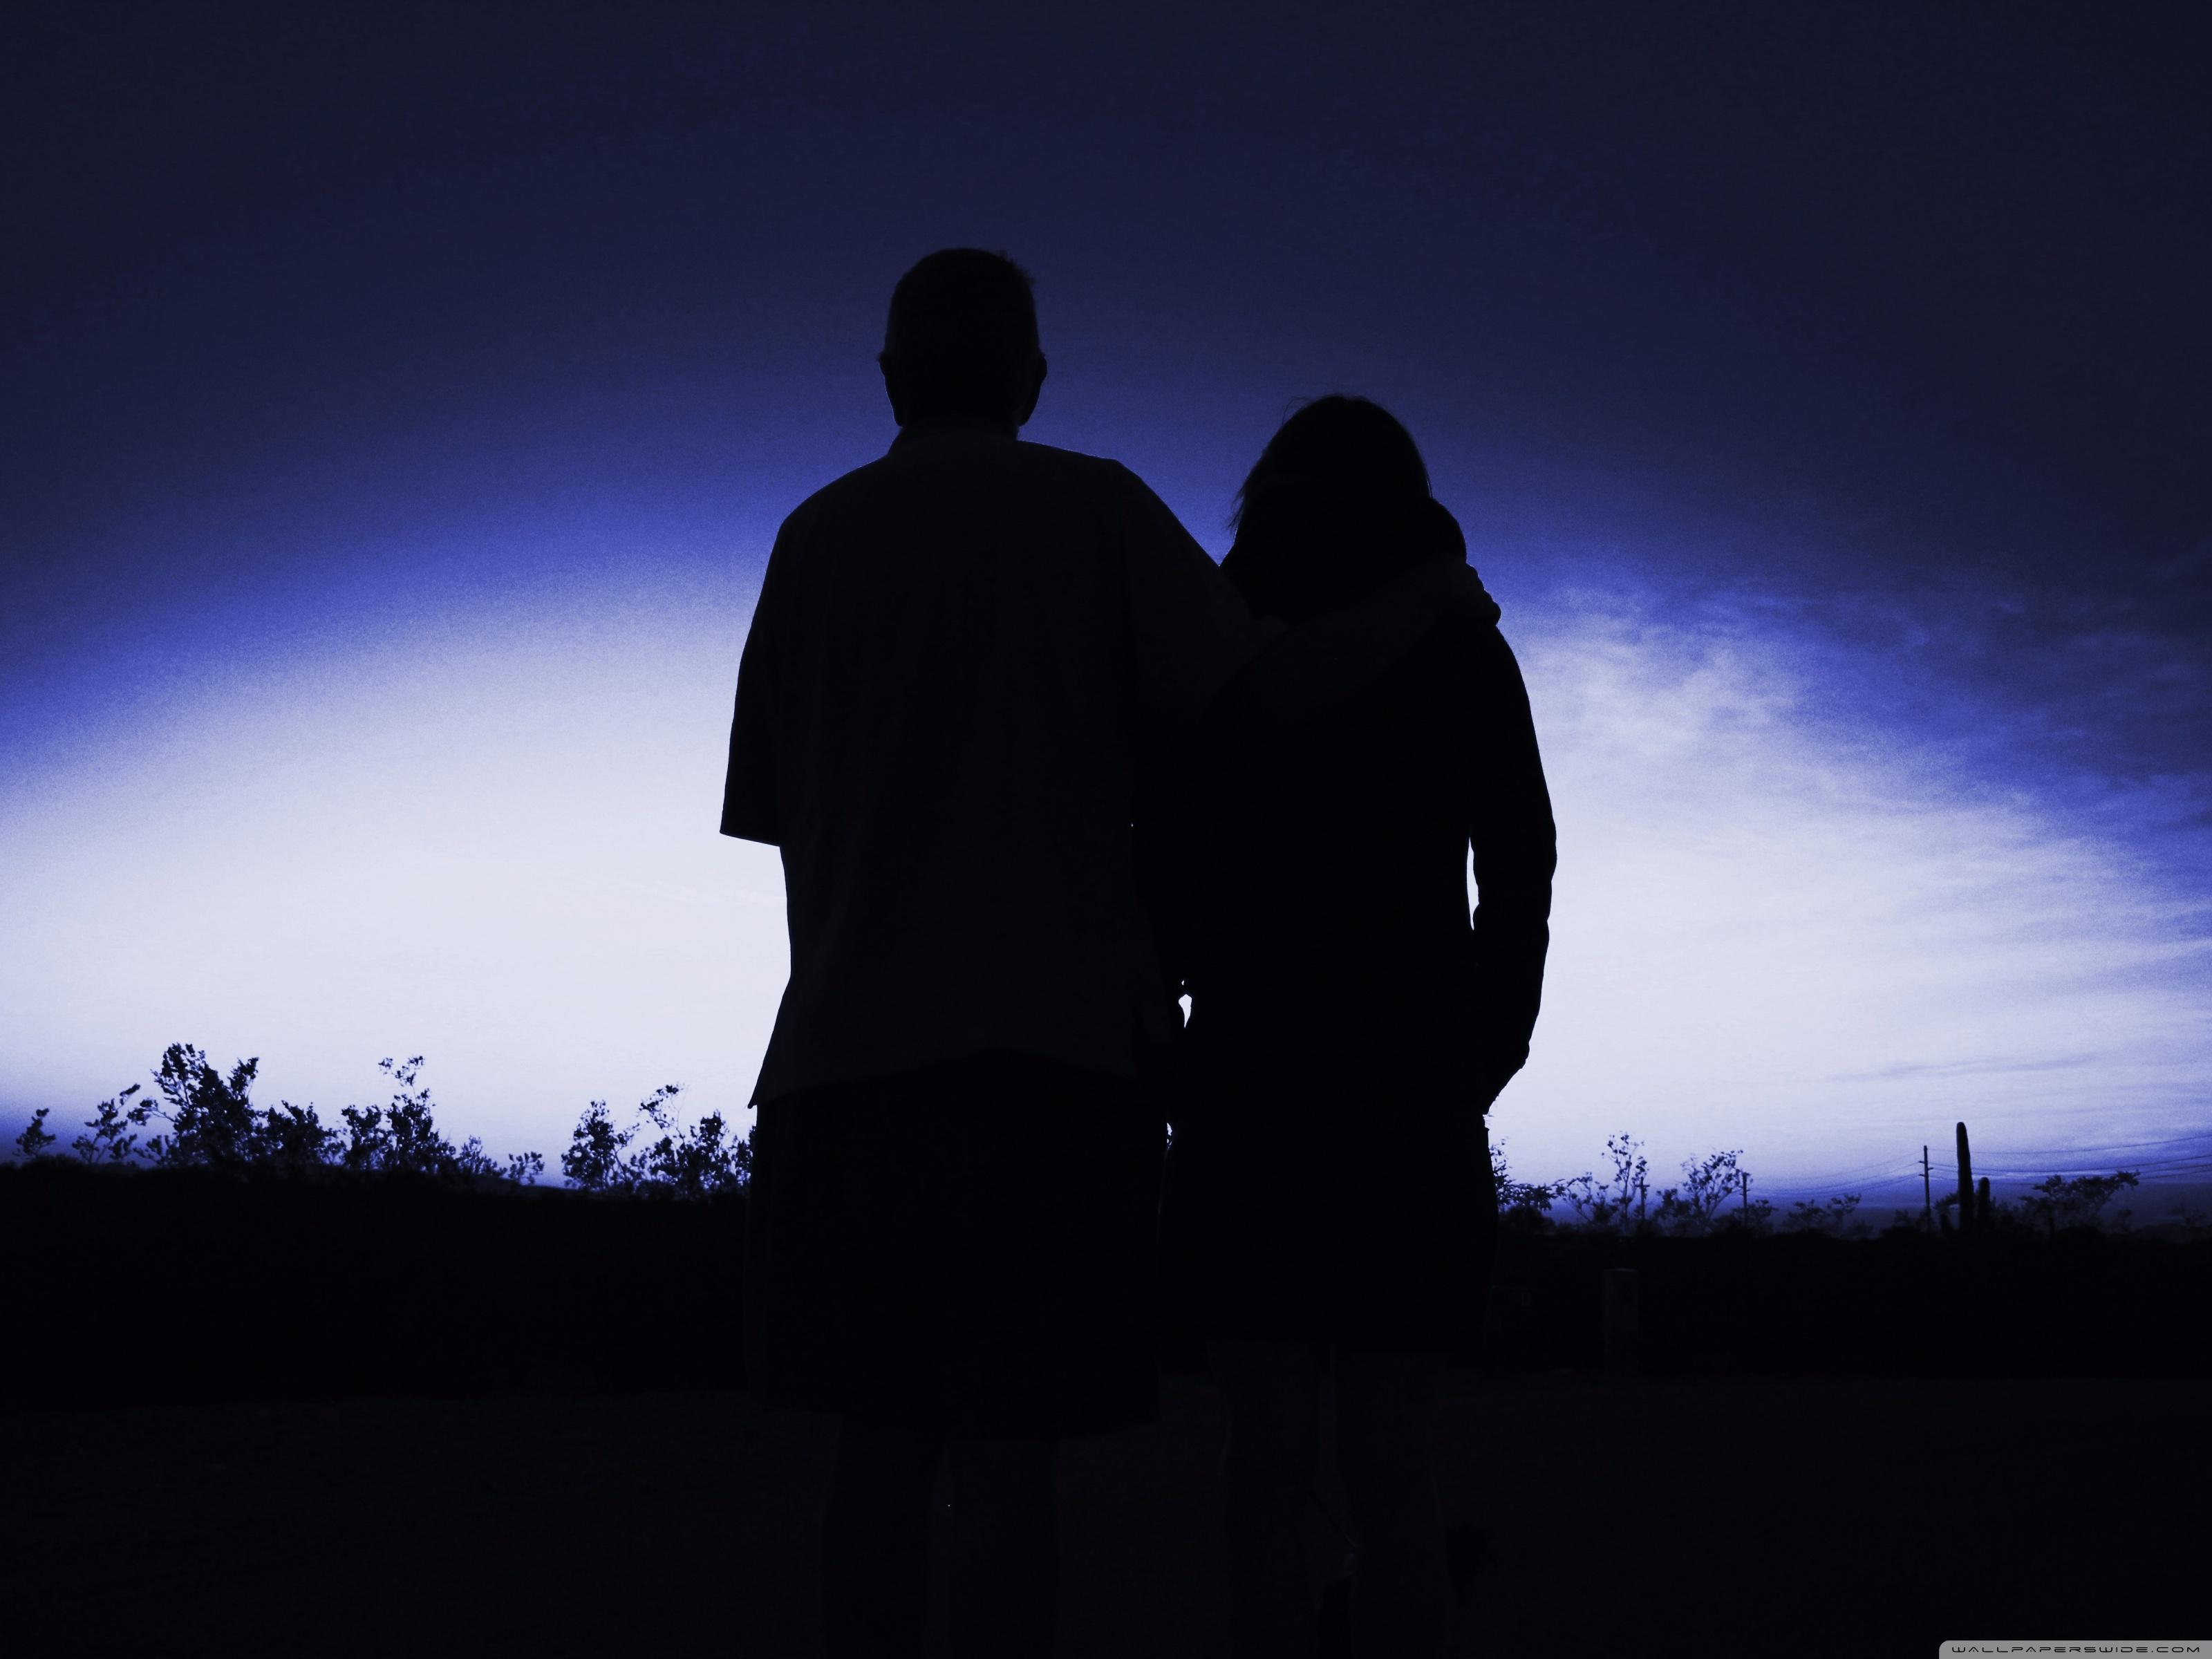 Фото силуэта девушки с парнем смотрят друг на друга